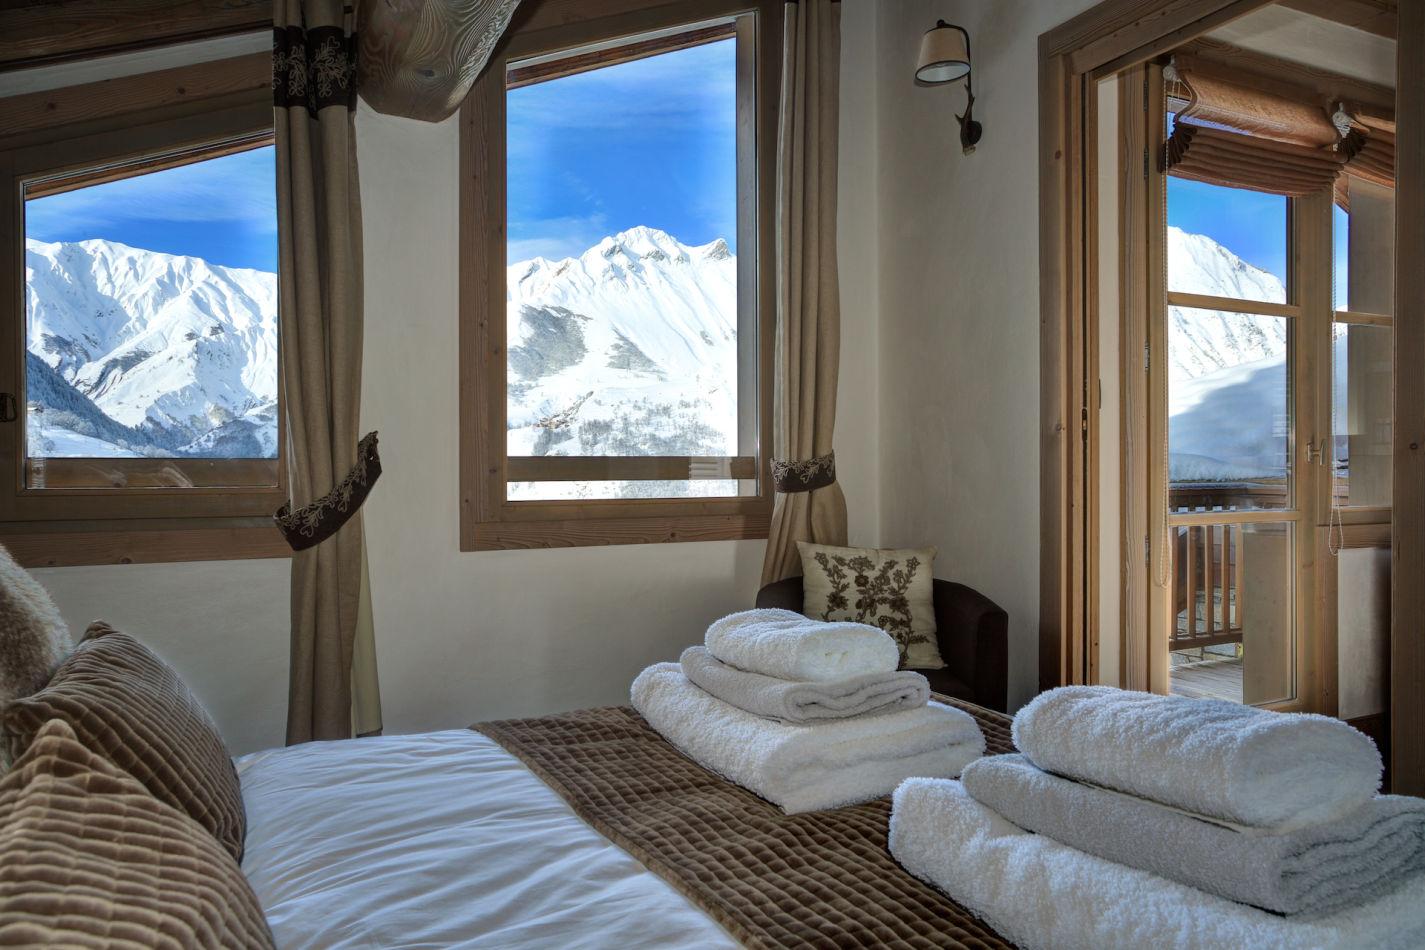 bedroom-4-daytime-shot-image-5